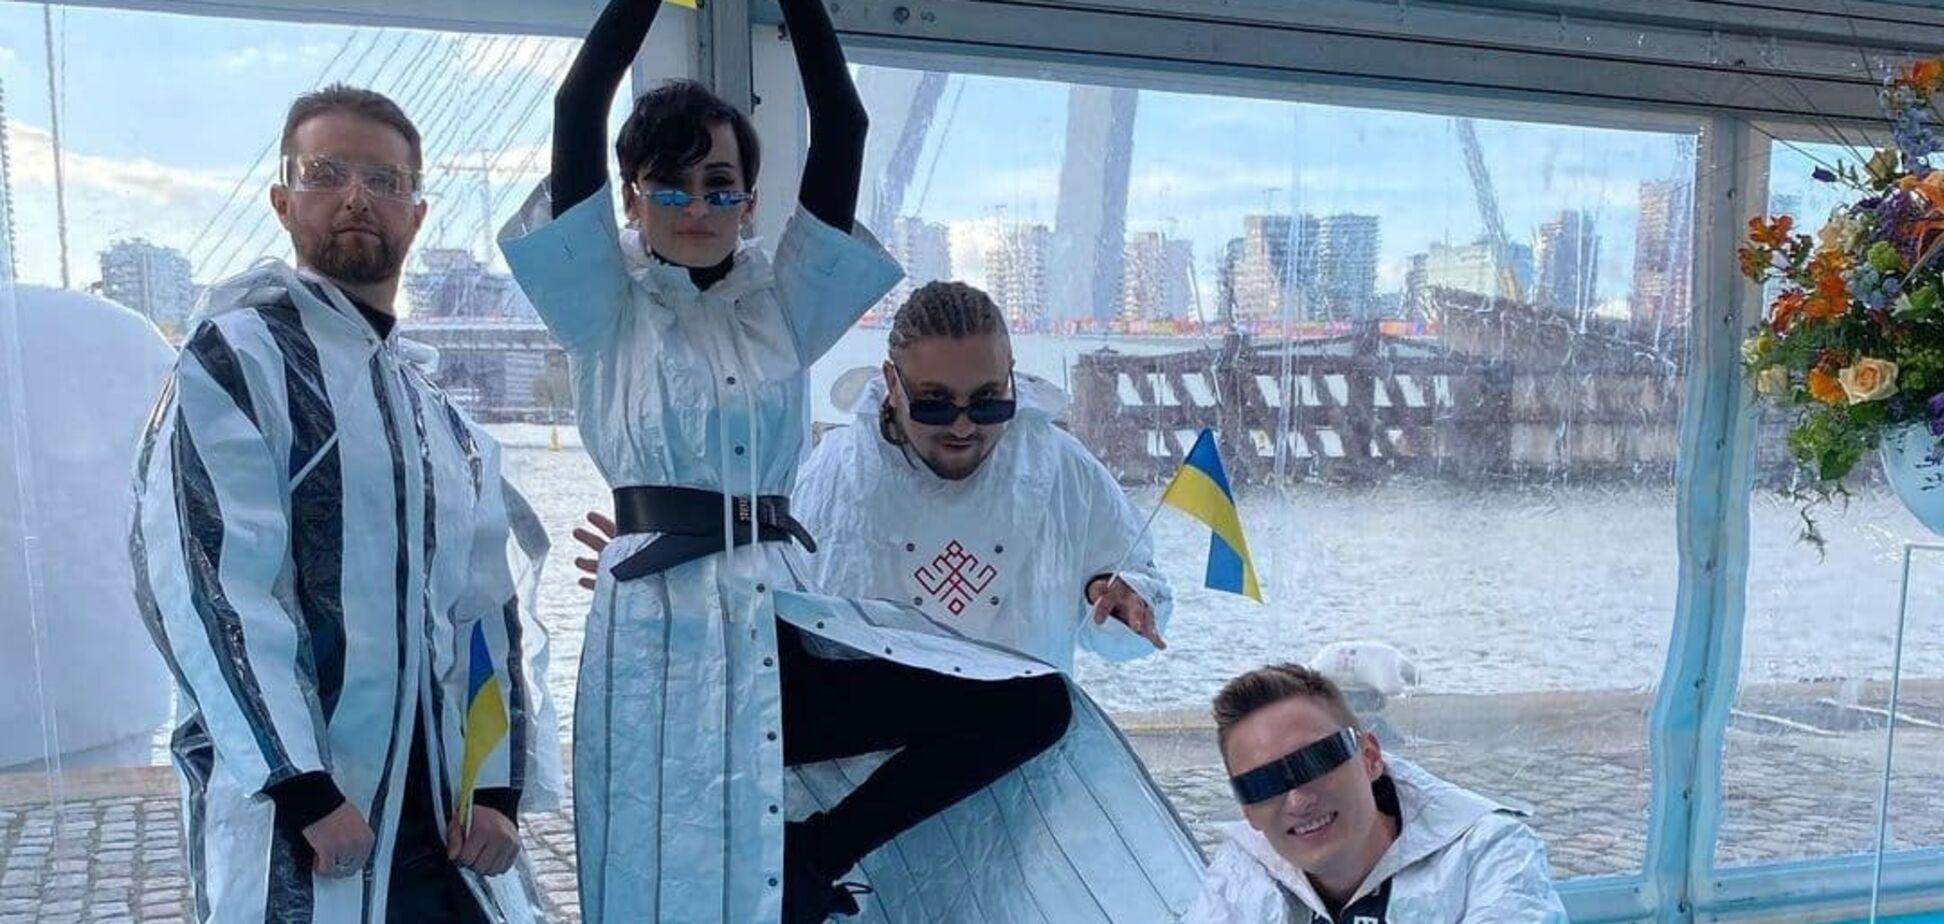 Група Go-A провела першу генеральну репетицію номера для півфіналу Євробачення-2021